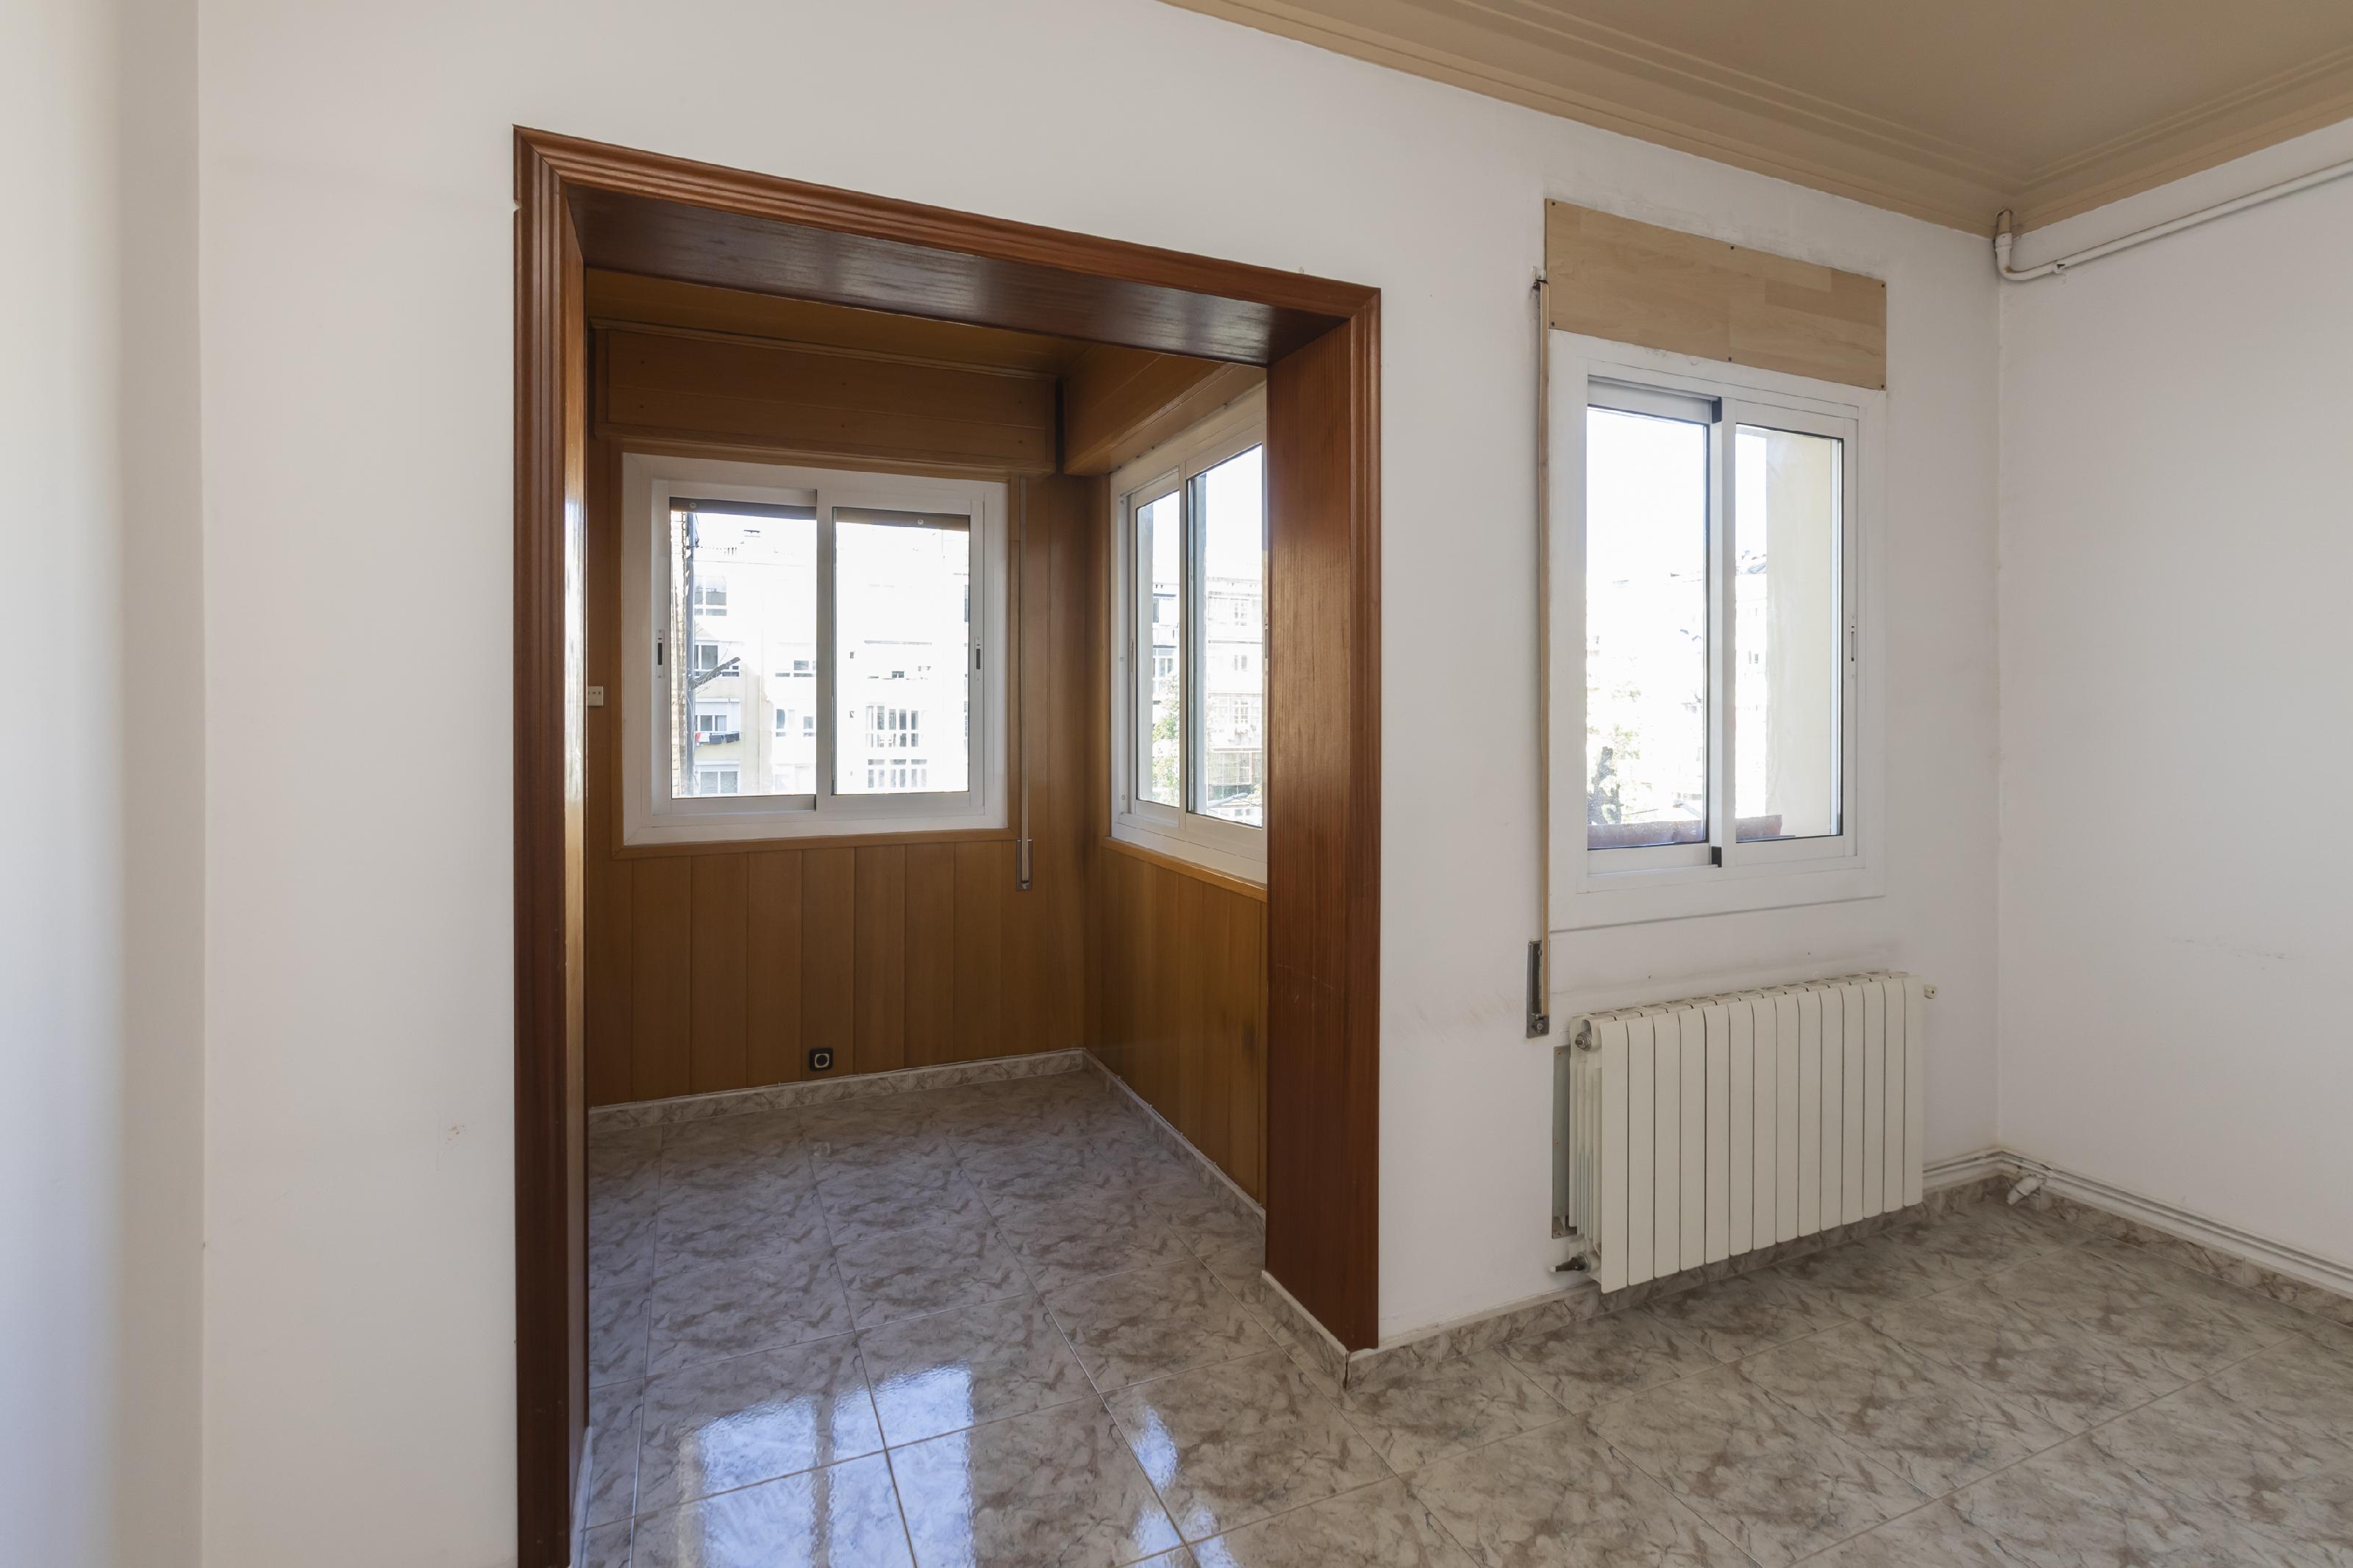 249361 Flat for sale in Eixample, Antiga Esquerre Eixample 13